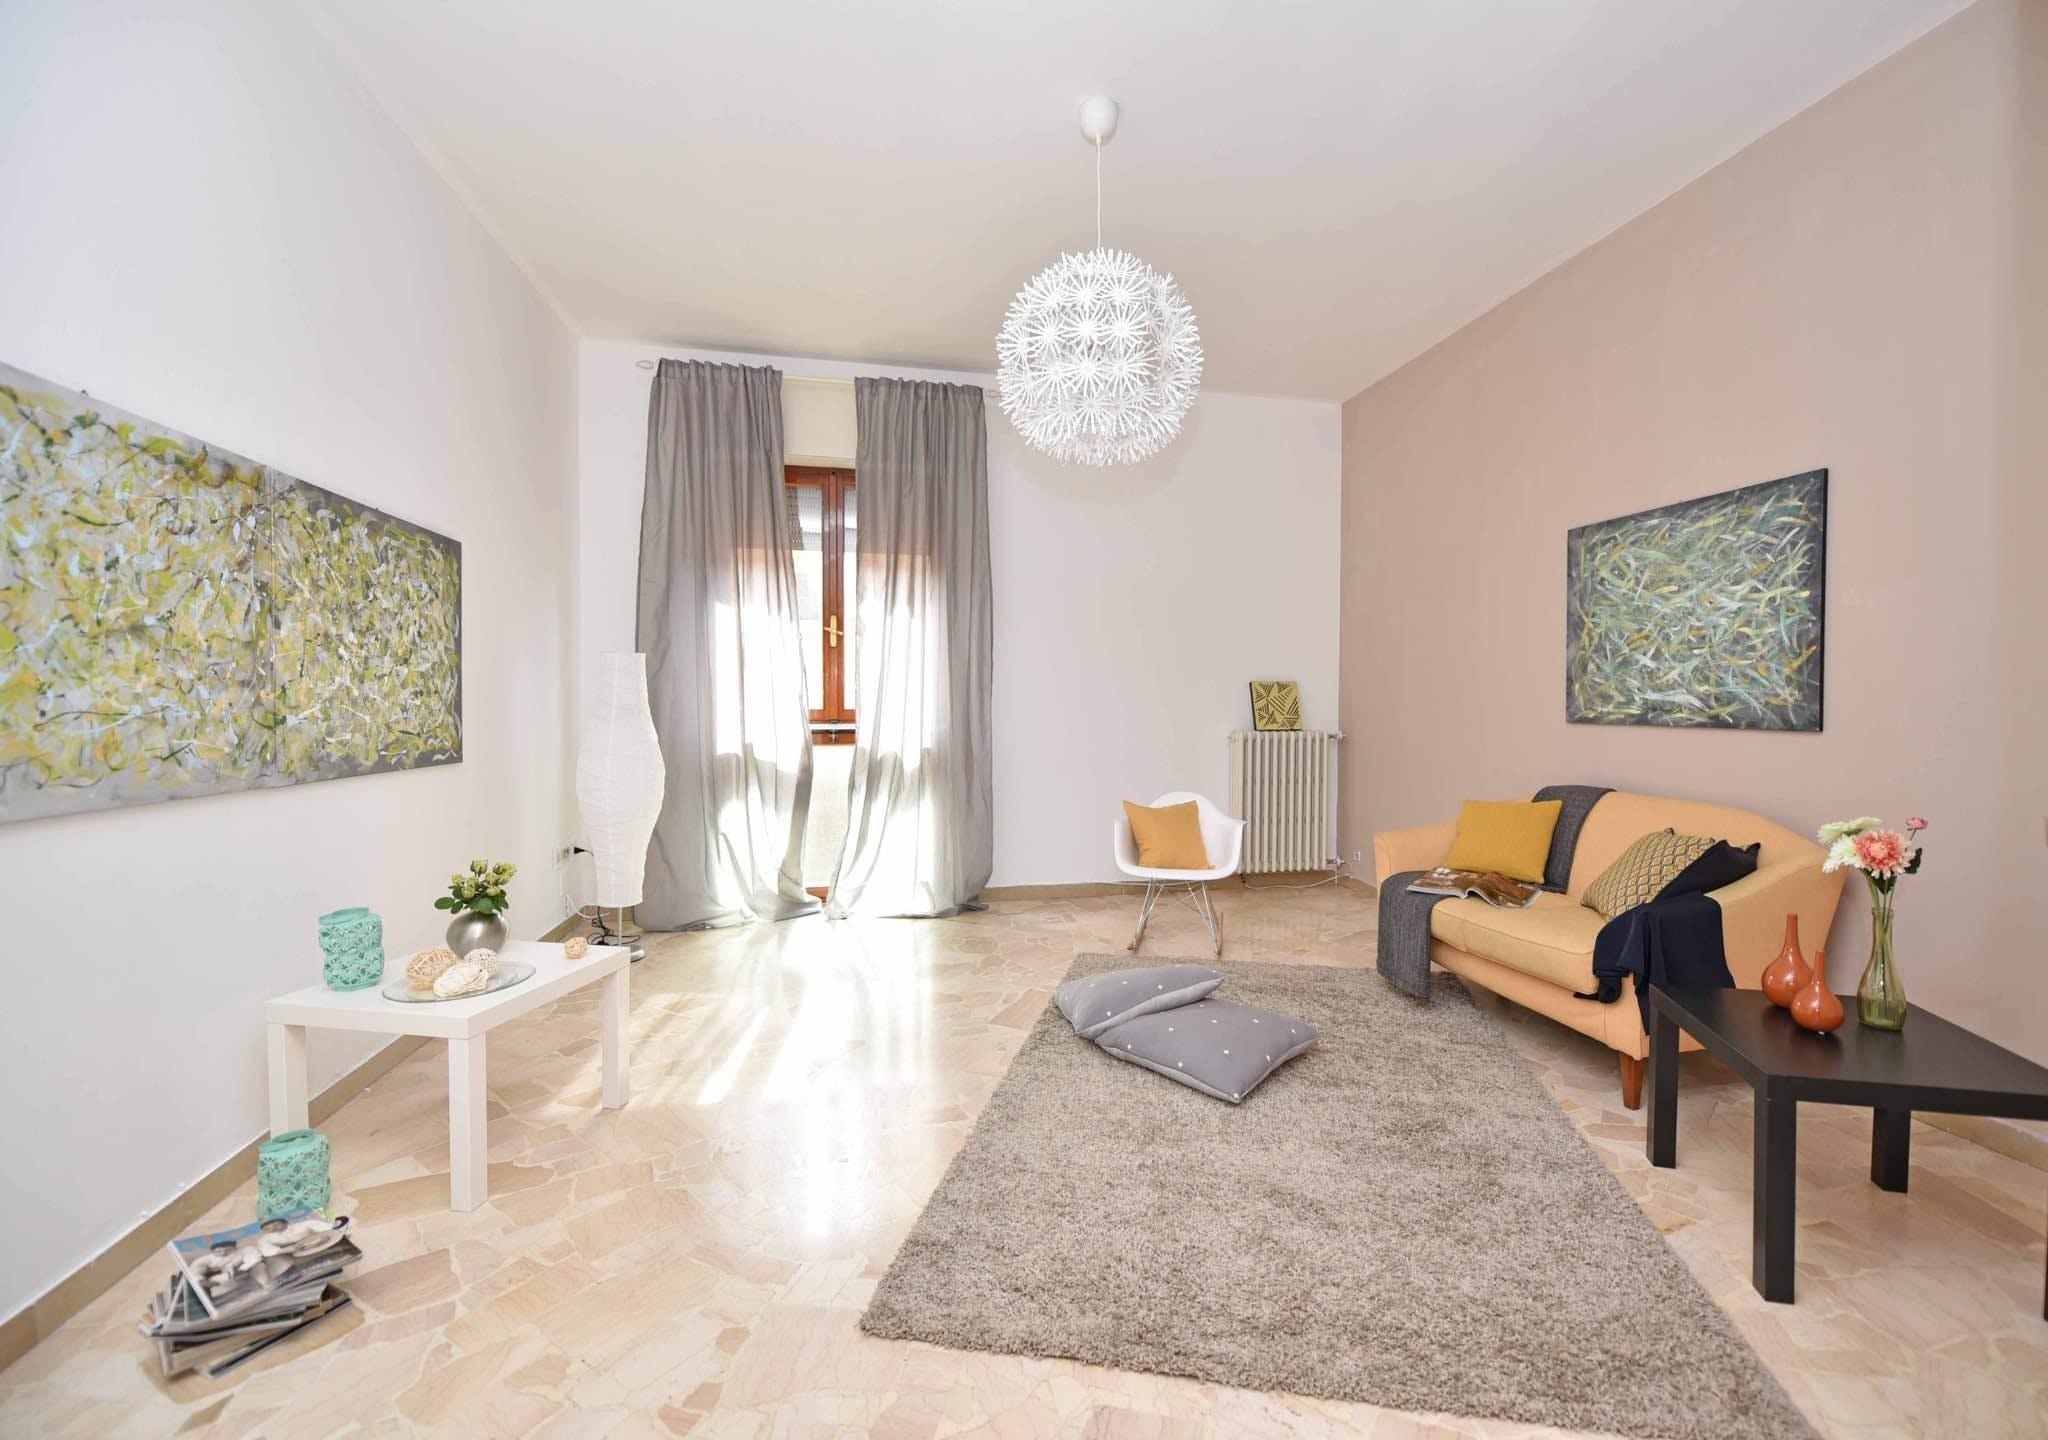 Безкоштовне стокове фото на тему «декоративна подушка, кімната, квартира, килим»